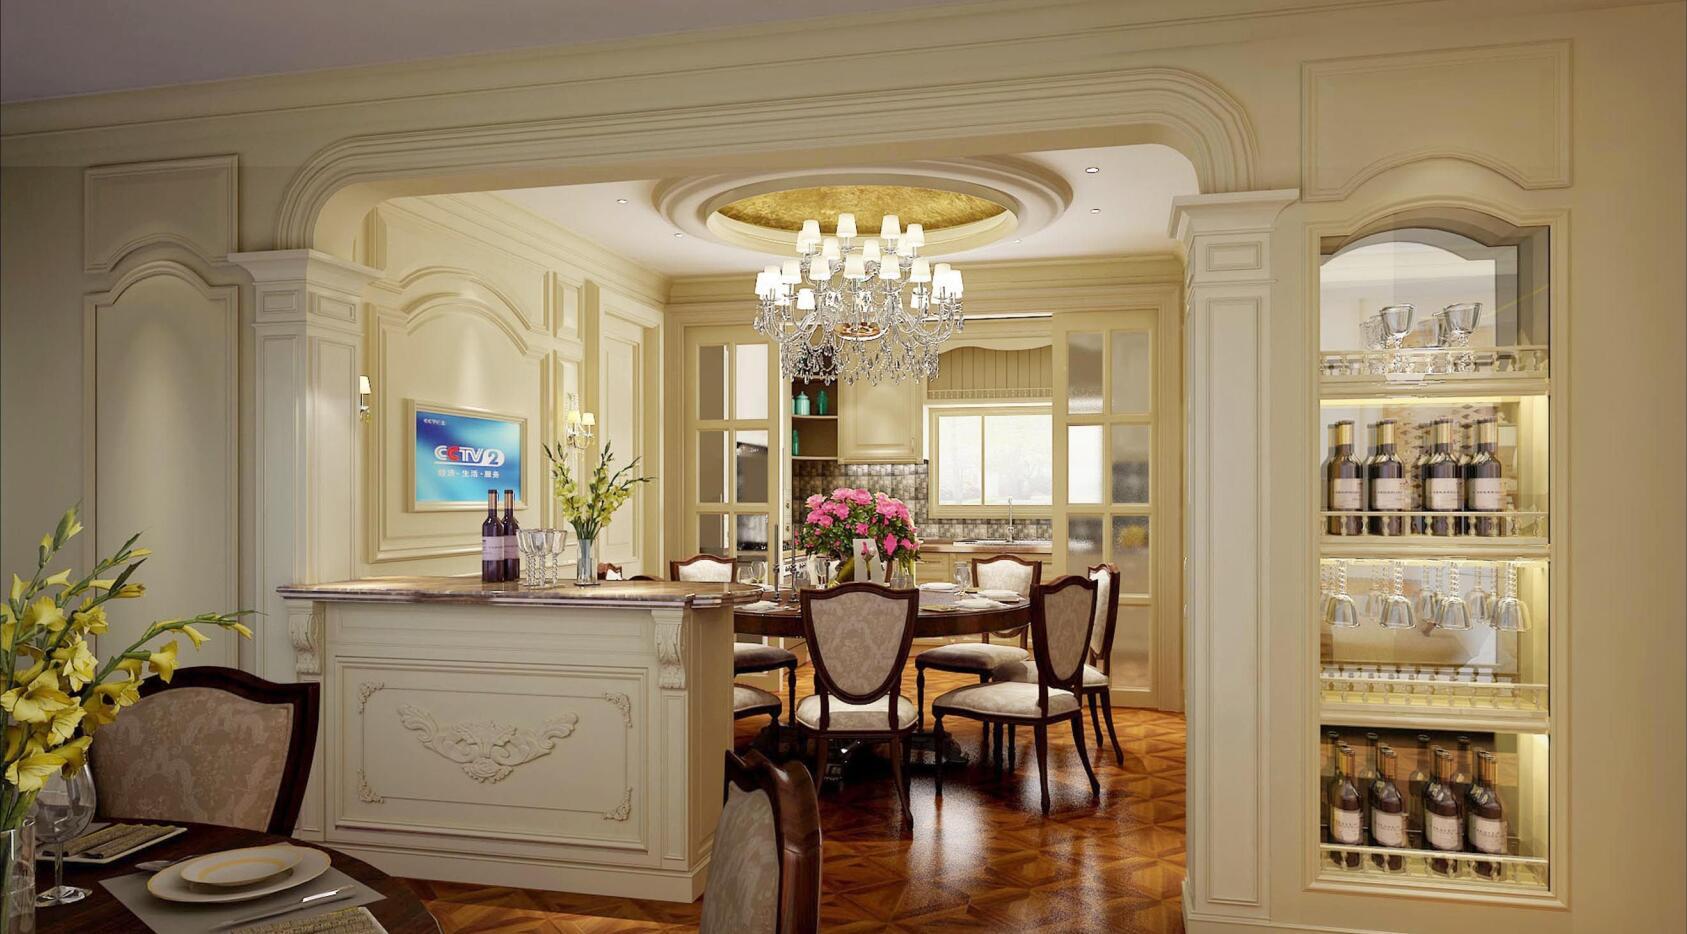 祥生御江湾 装修设计 欧式风格 腾龙设计 劳纳作品 餐厅图片来自室内设计师劳纳在祥生御江湾大宅欧式风格的分享